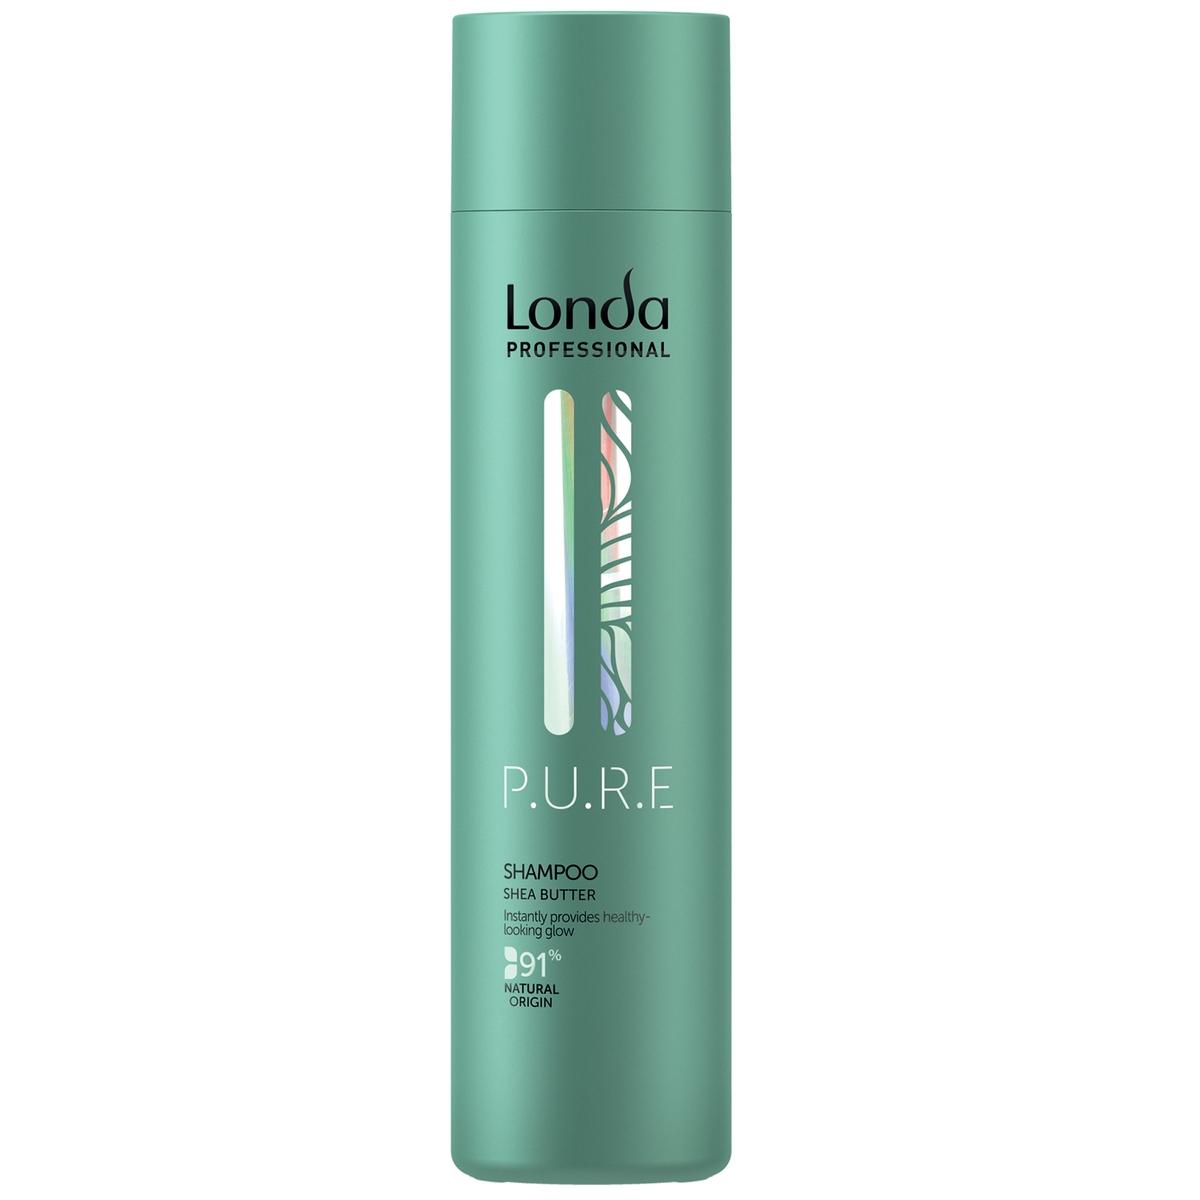 Купить Londa PURE шампунь 250мл, Londa Professional